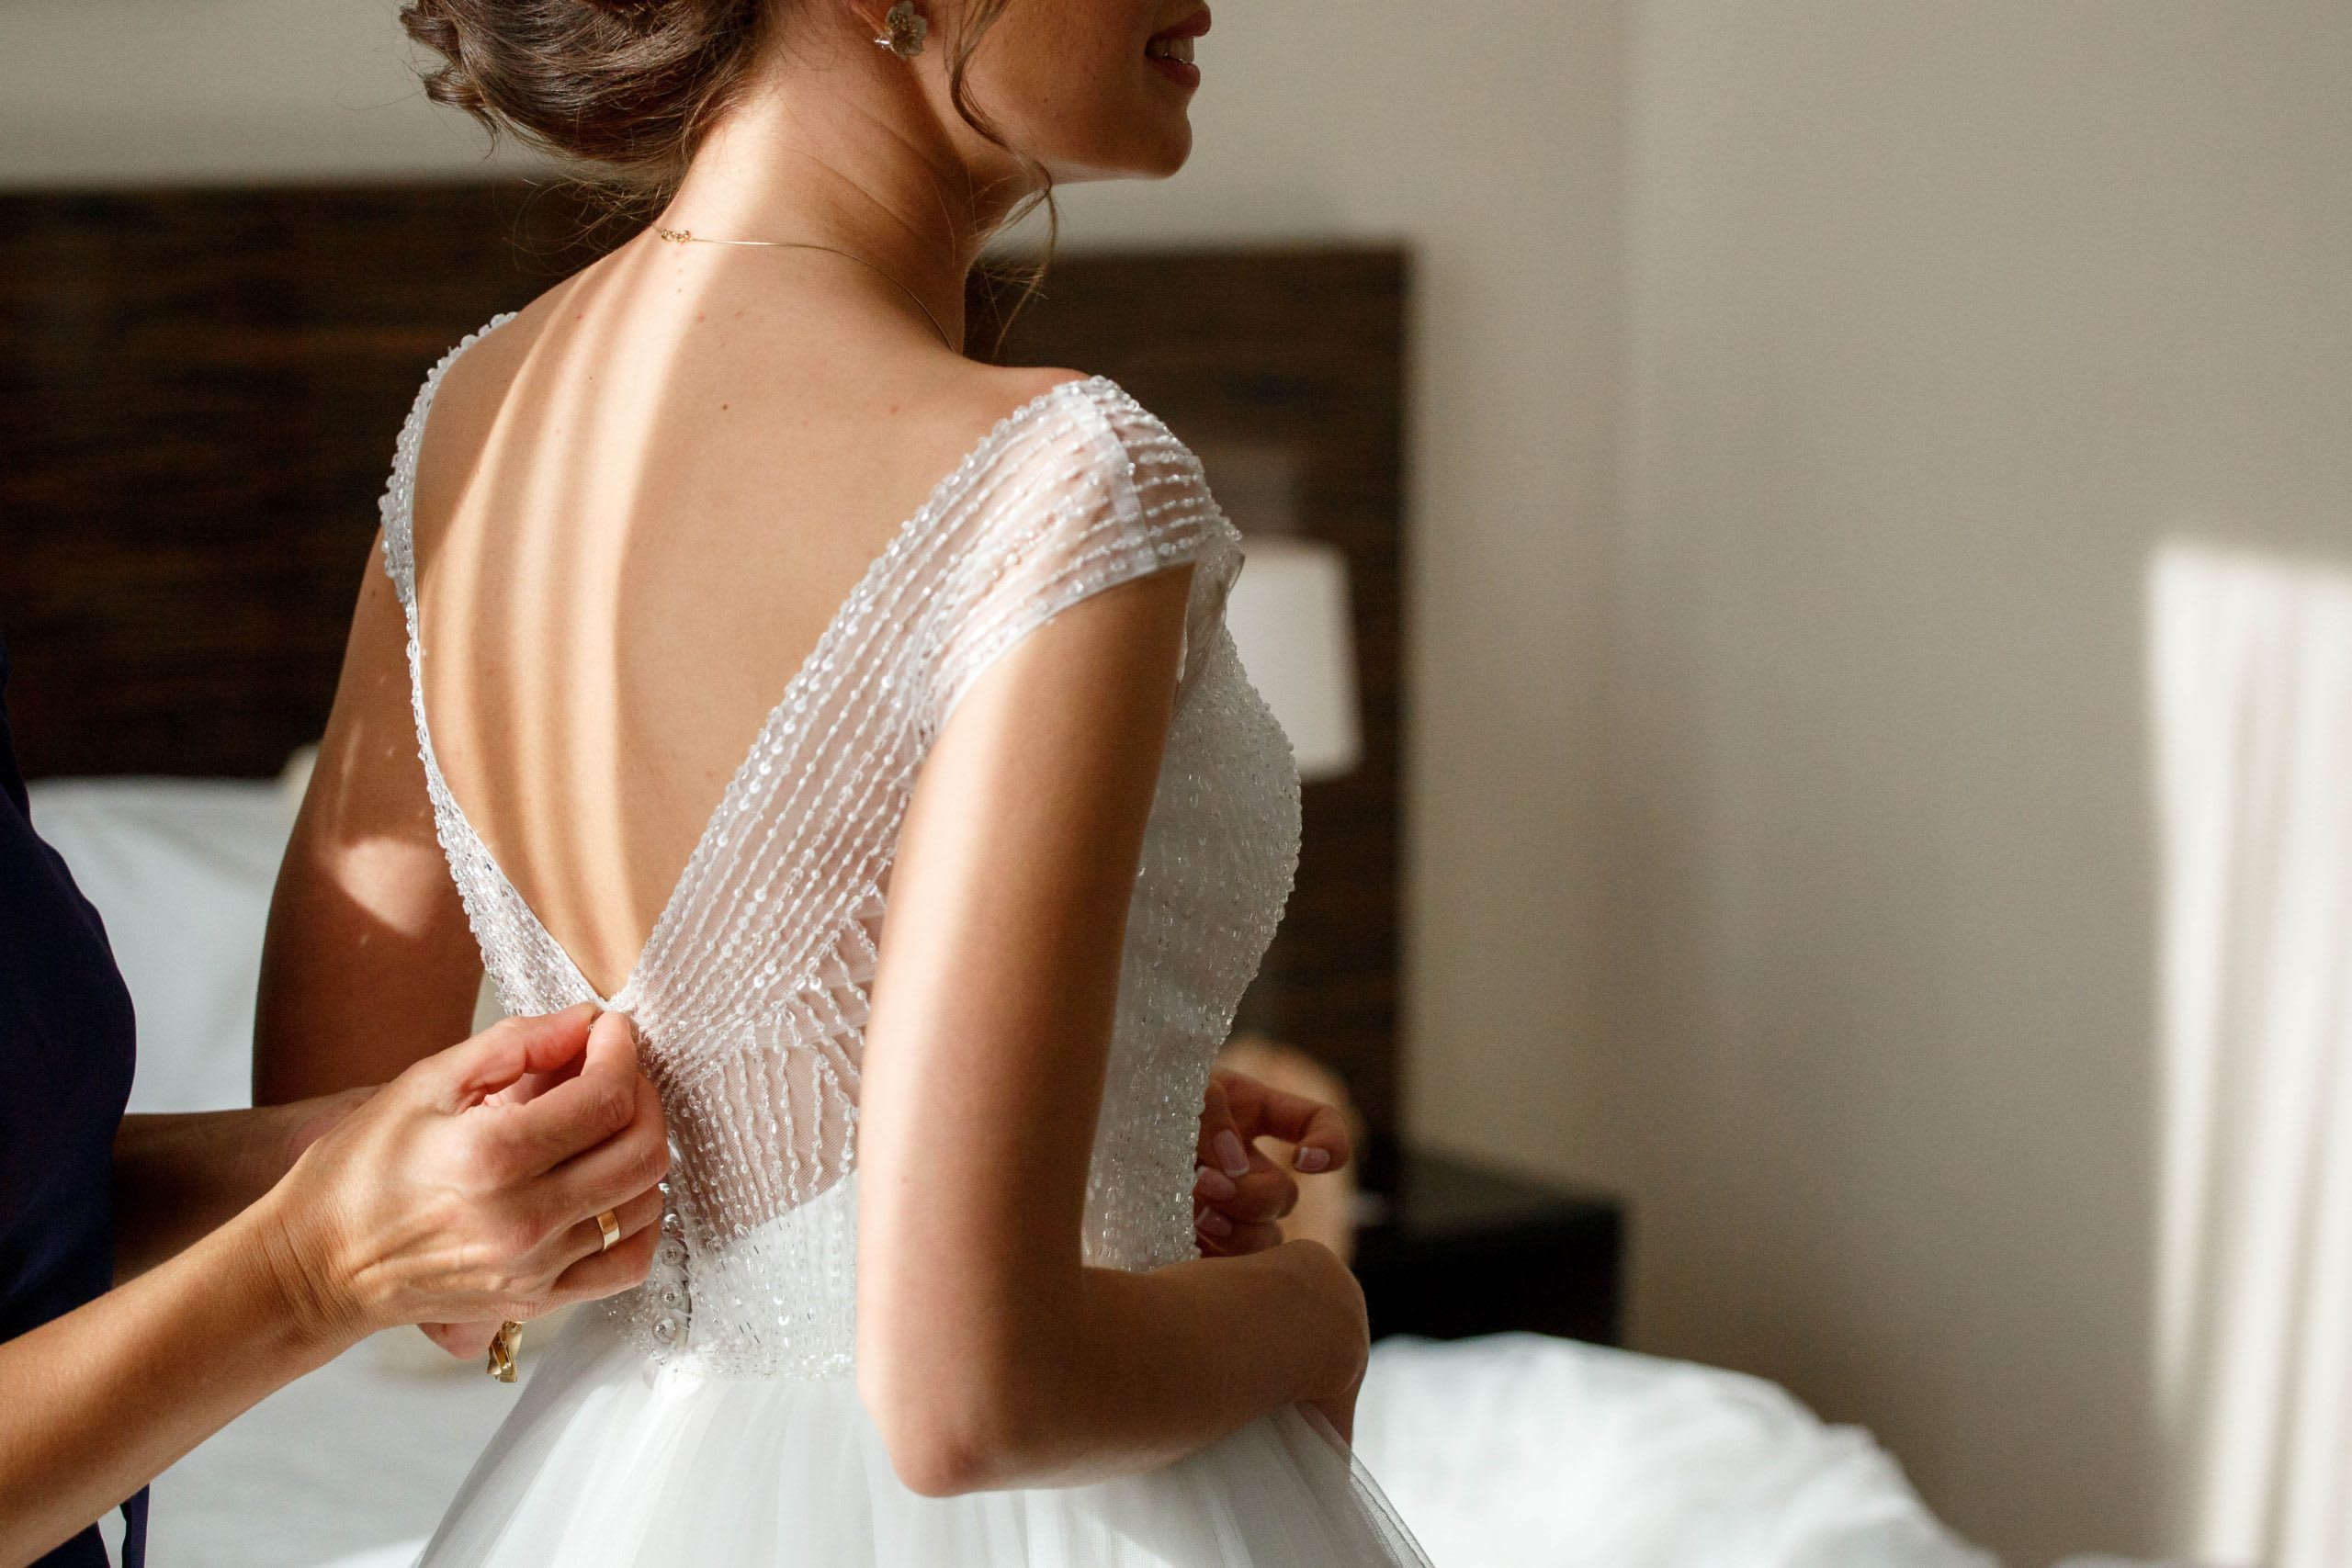 6 conseils pour préparer un essayage de robe de mariée réussi